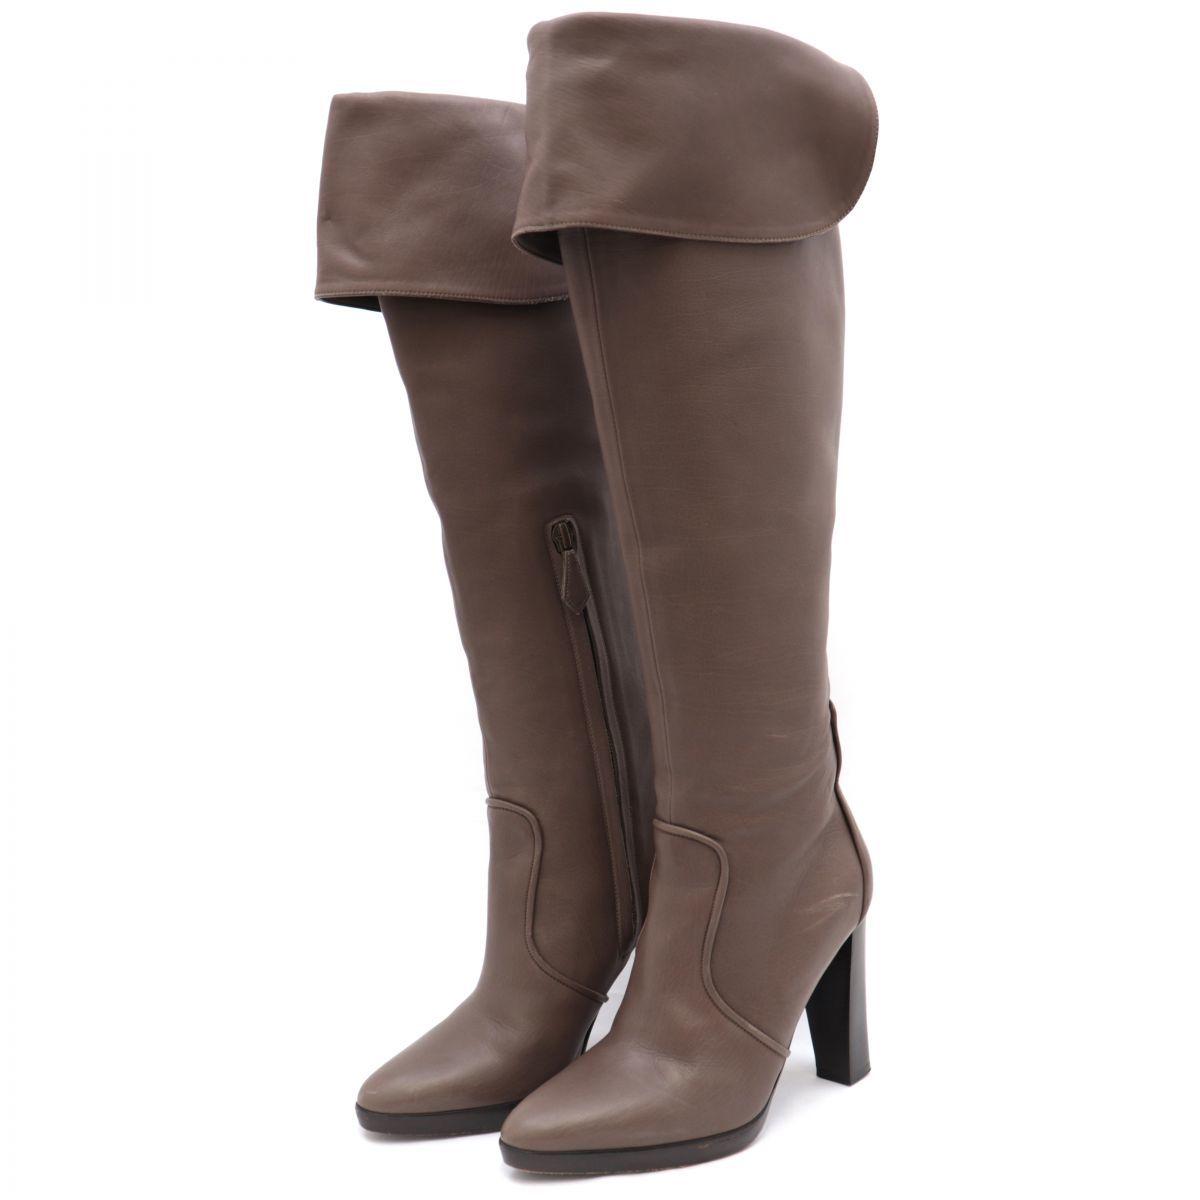 Hermes Leather Long Heel Boots Women's Brown 35.5